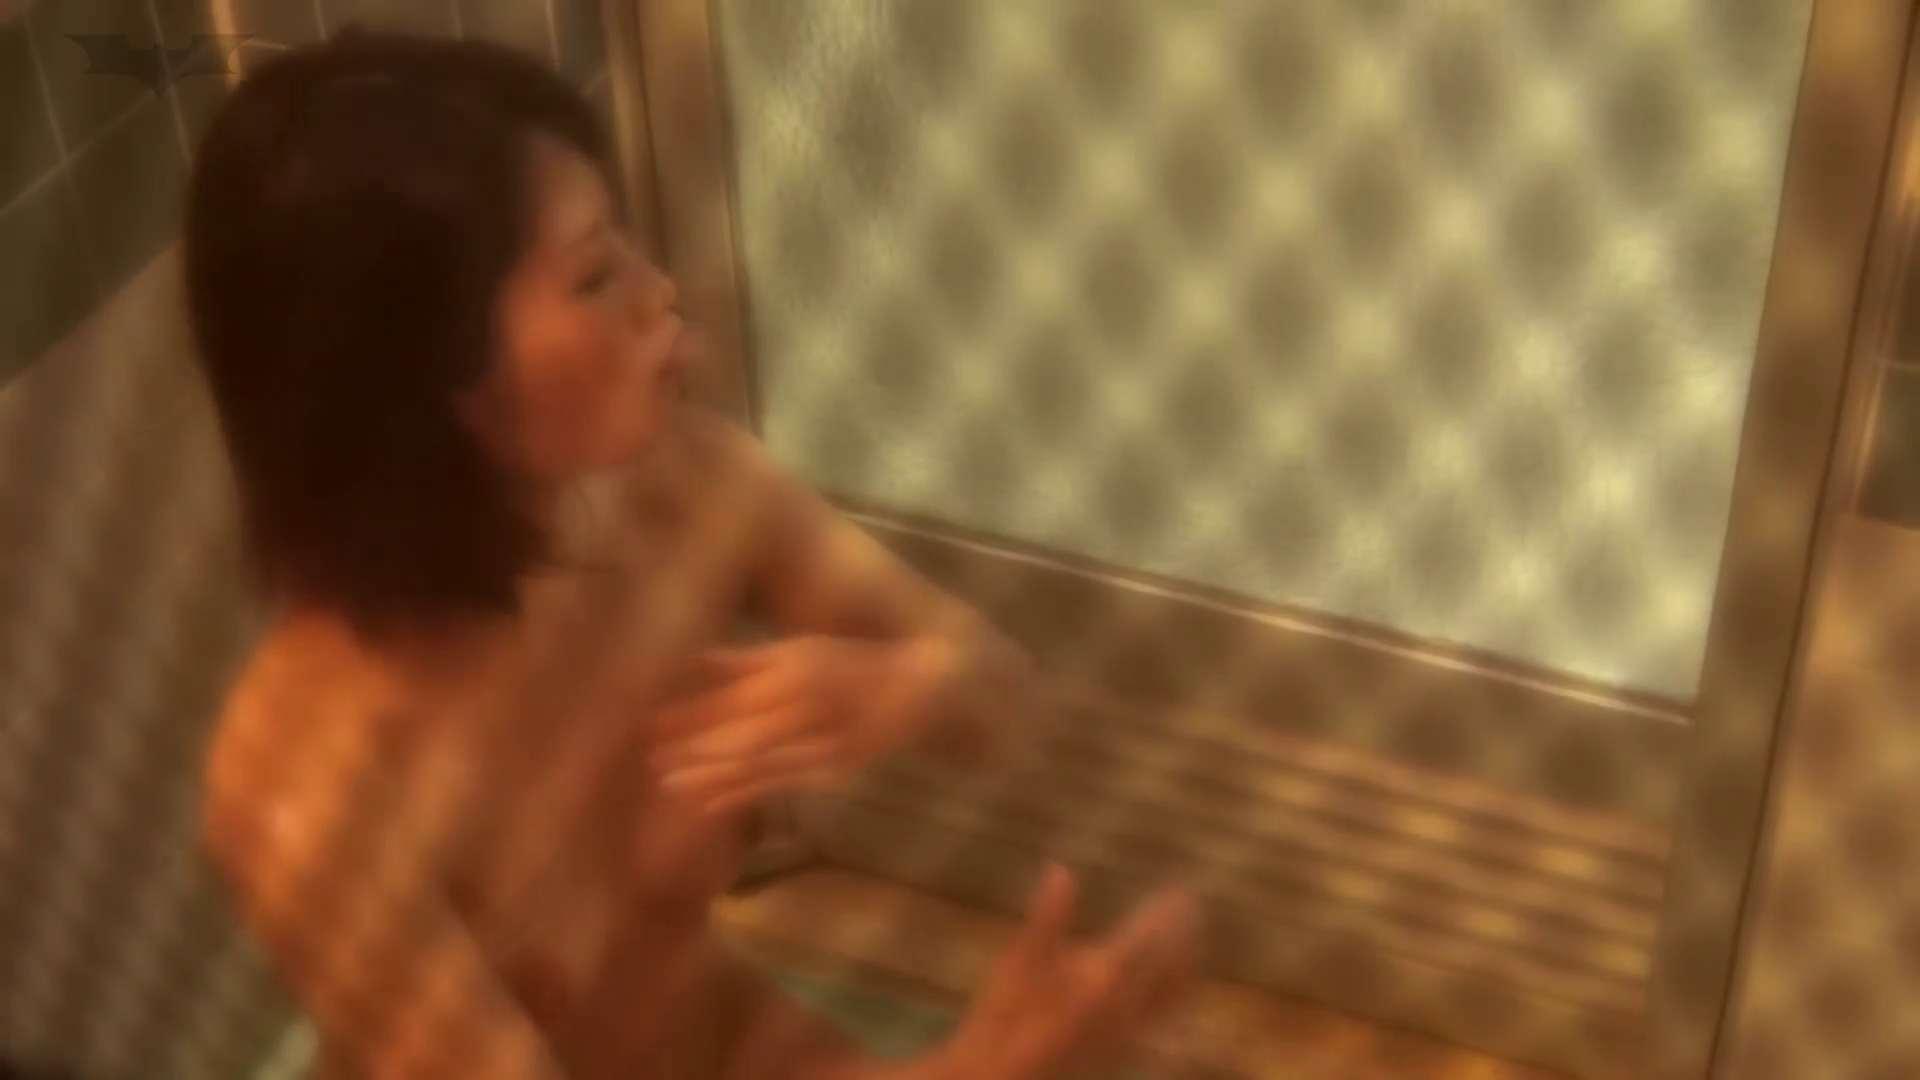 *華の女子寮ノゾキ* vol.02 Eカップがぷるぷる揺れるコ OL女体  95連発 39